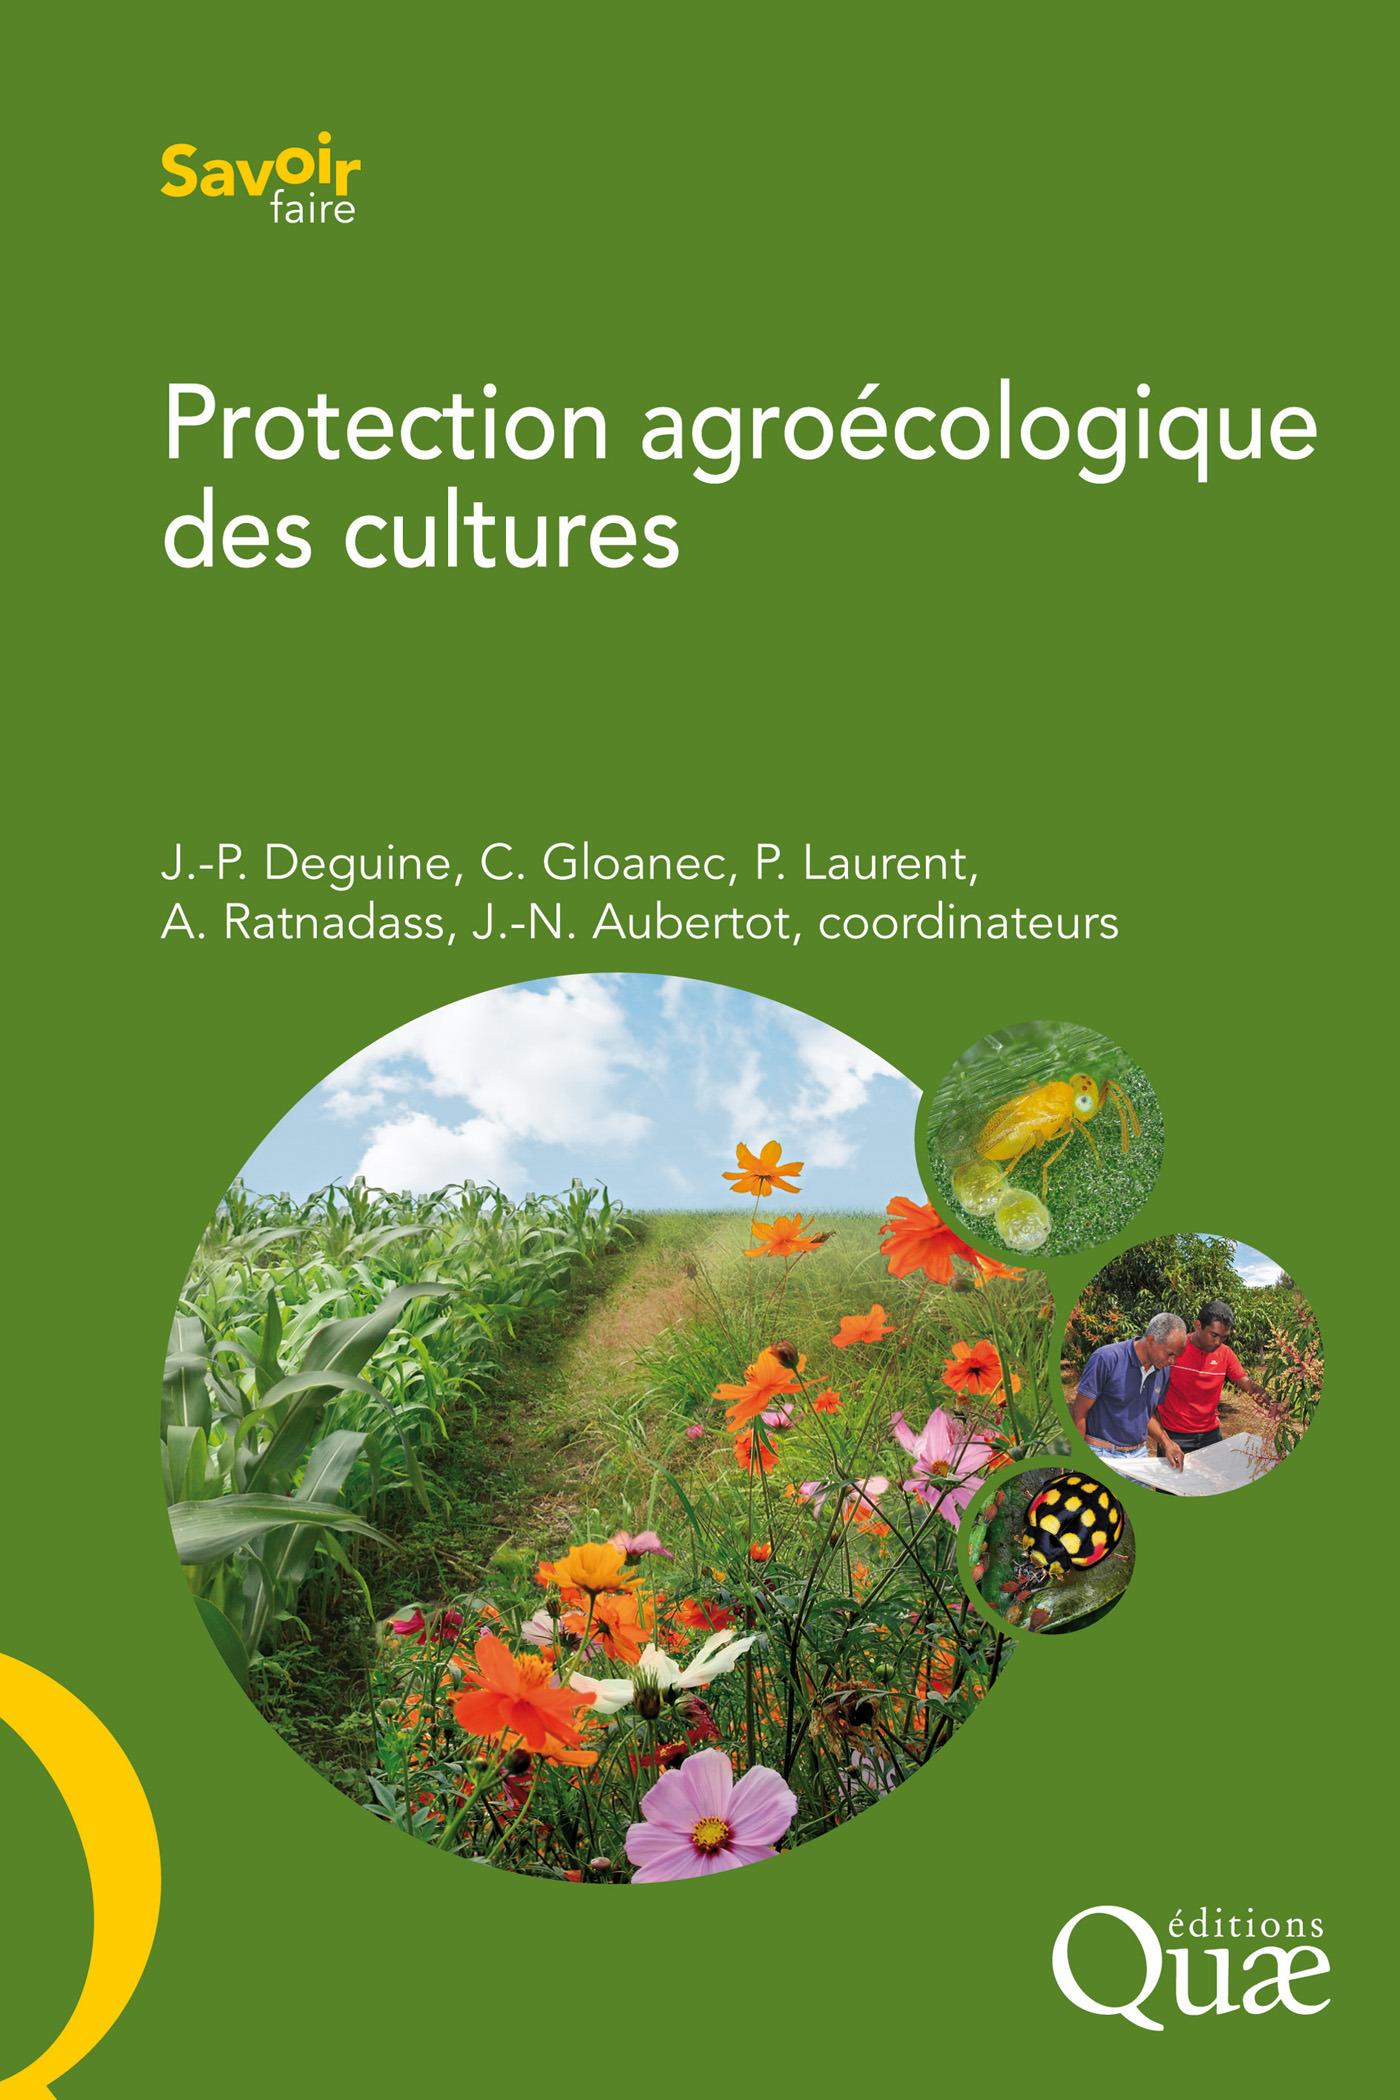 Protection agroécologique des cultures